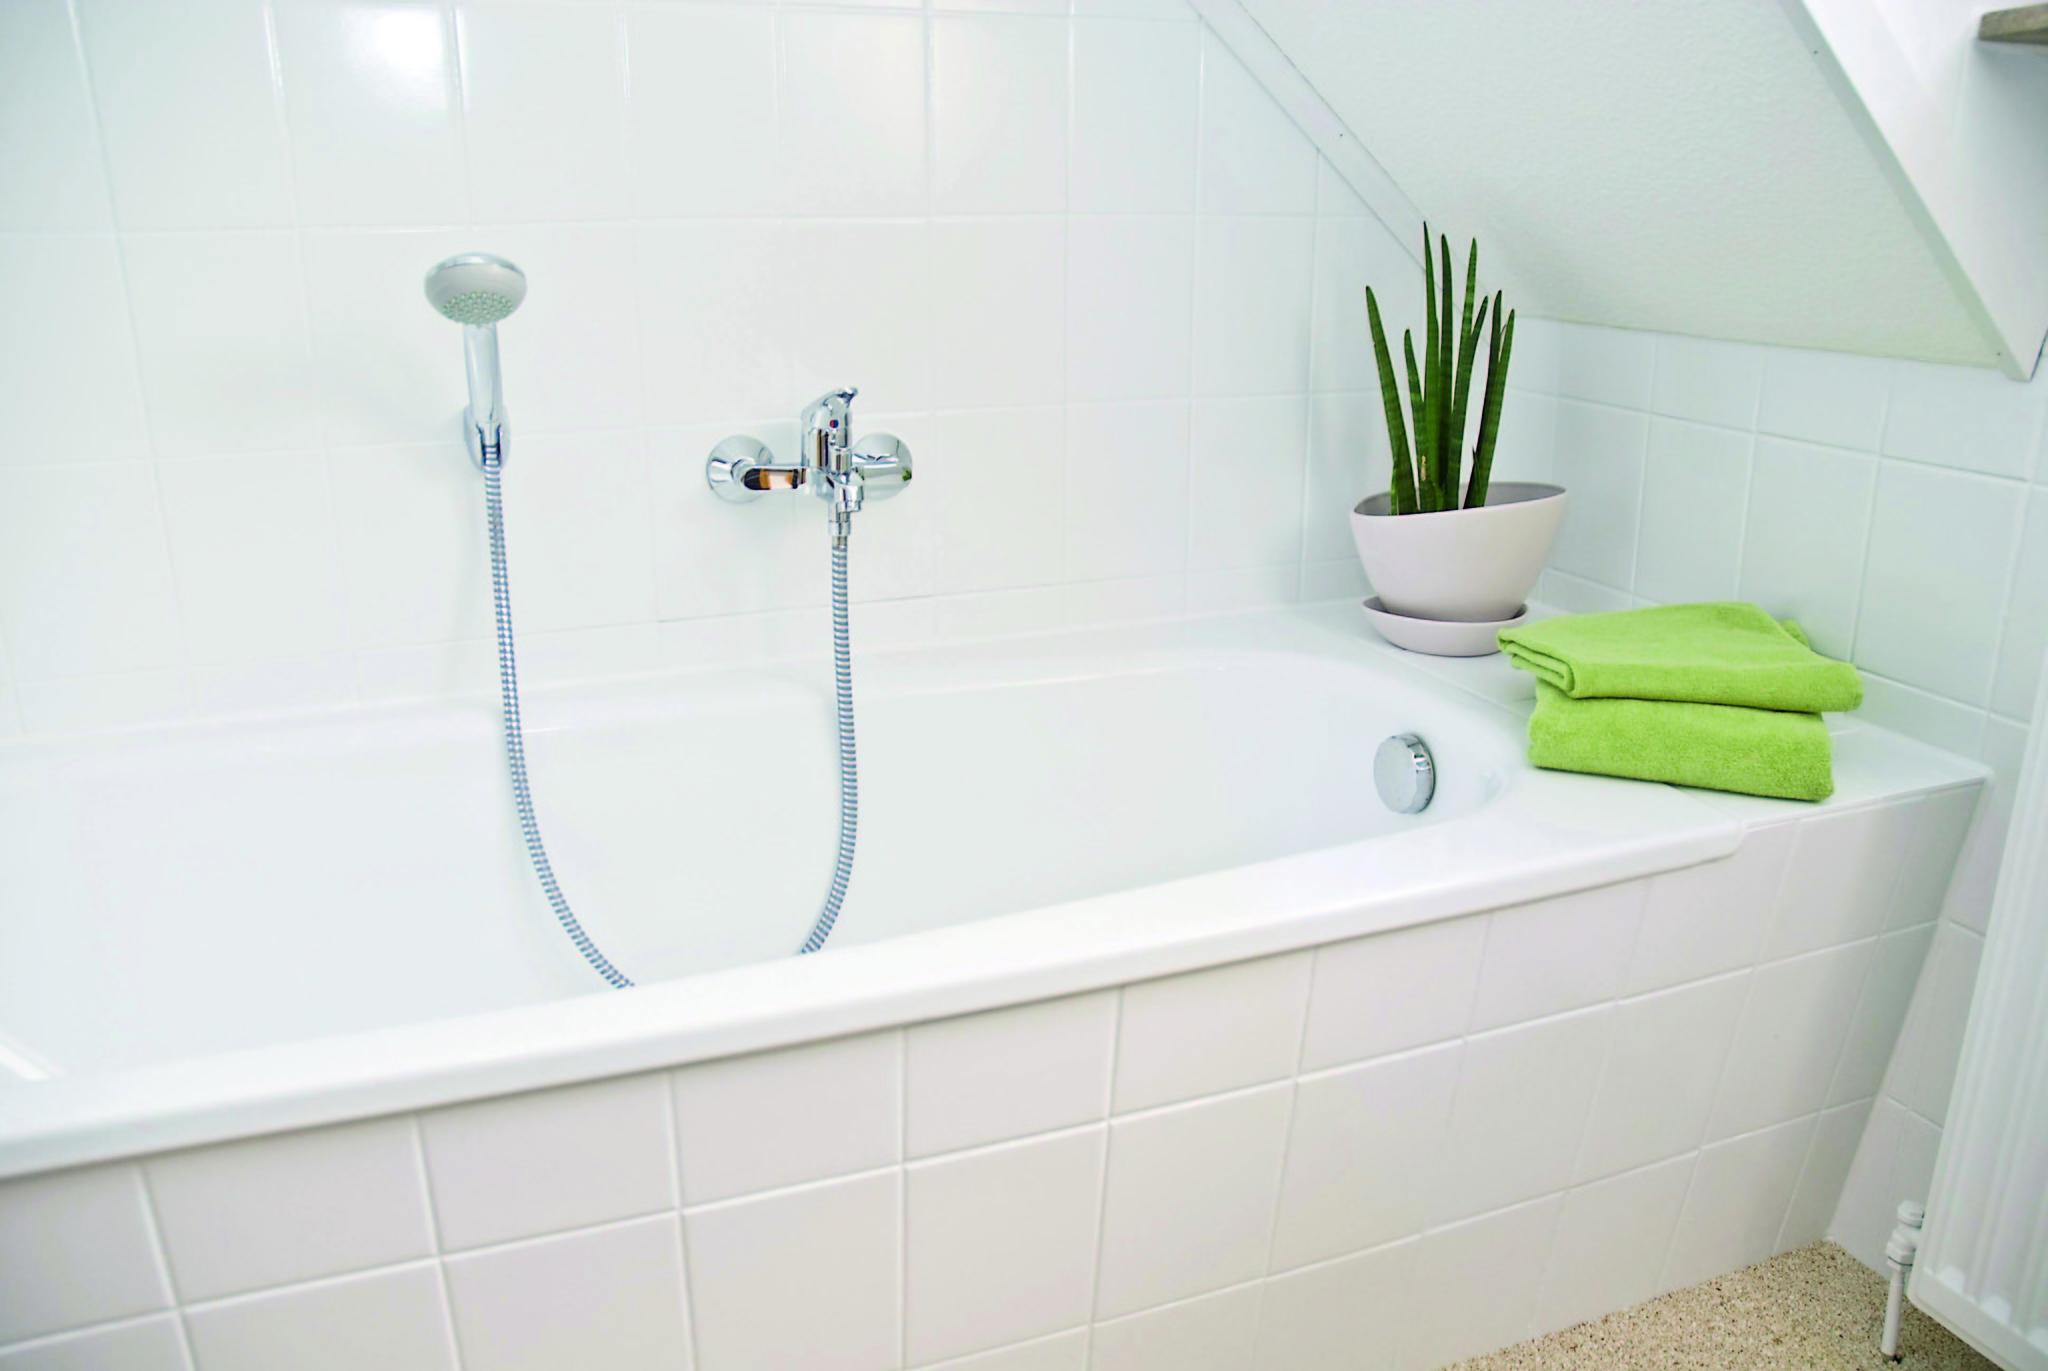 der schnelle weg zur neuen badewanne ohne besch digungen von bad und fliesen eisenstadt. Black Bedroom Furniture Sets. Home Design Ideas